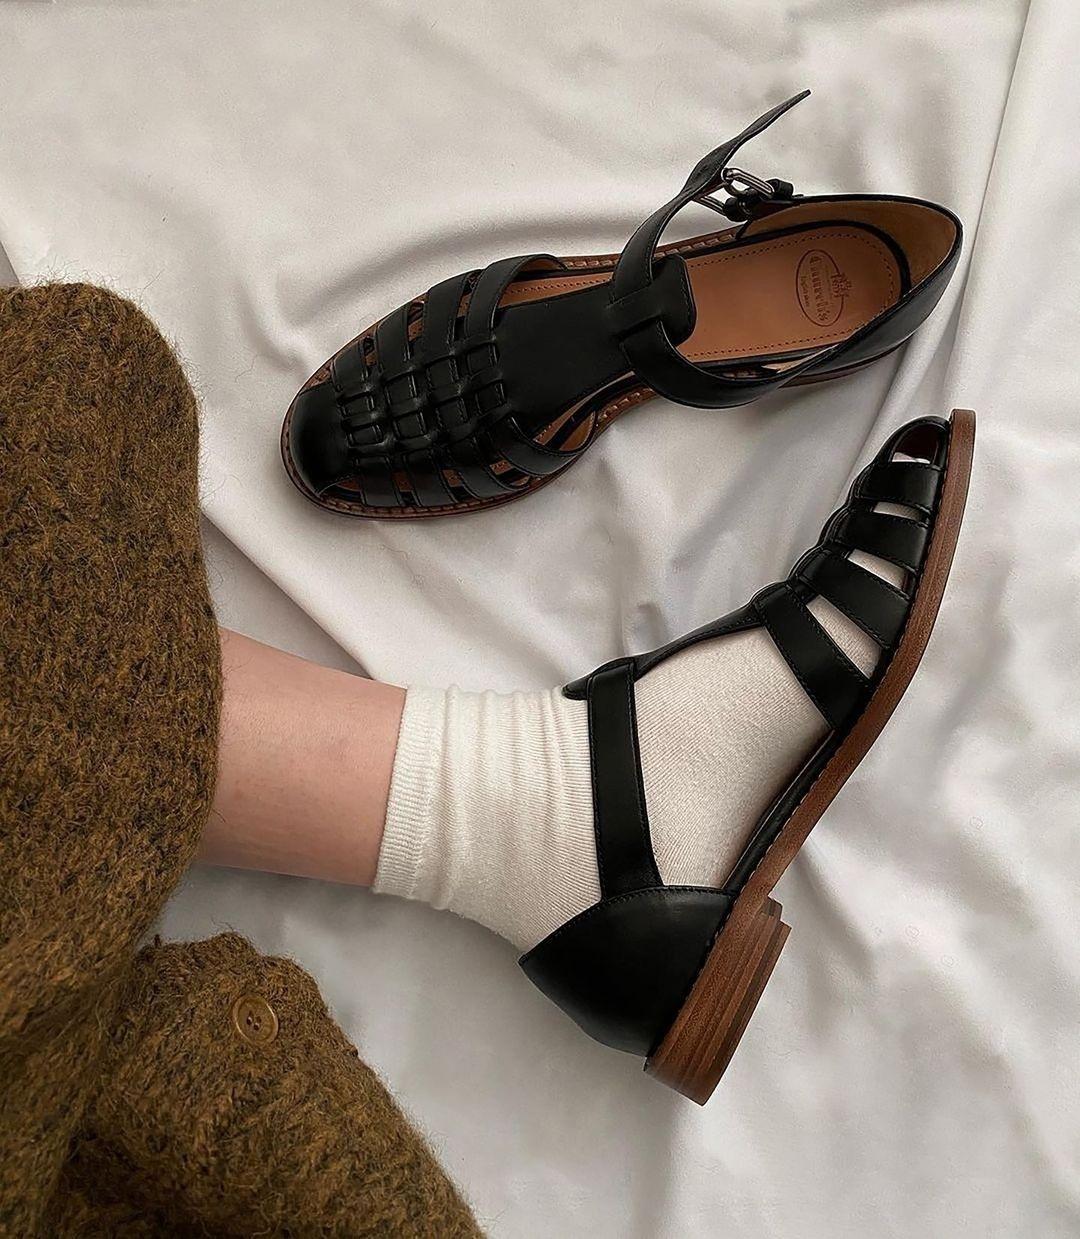 модная обувь лето 2021 на низком ходу плоская подошва без каблука женская босоножки сандалии рыбацкие рыбака дедушкины кожаные черные